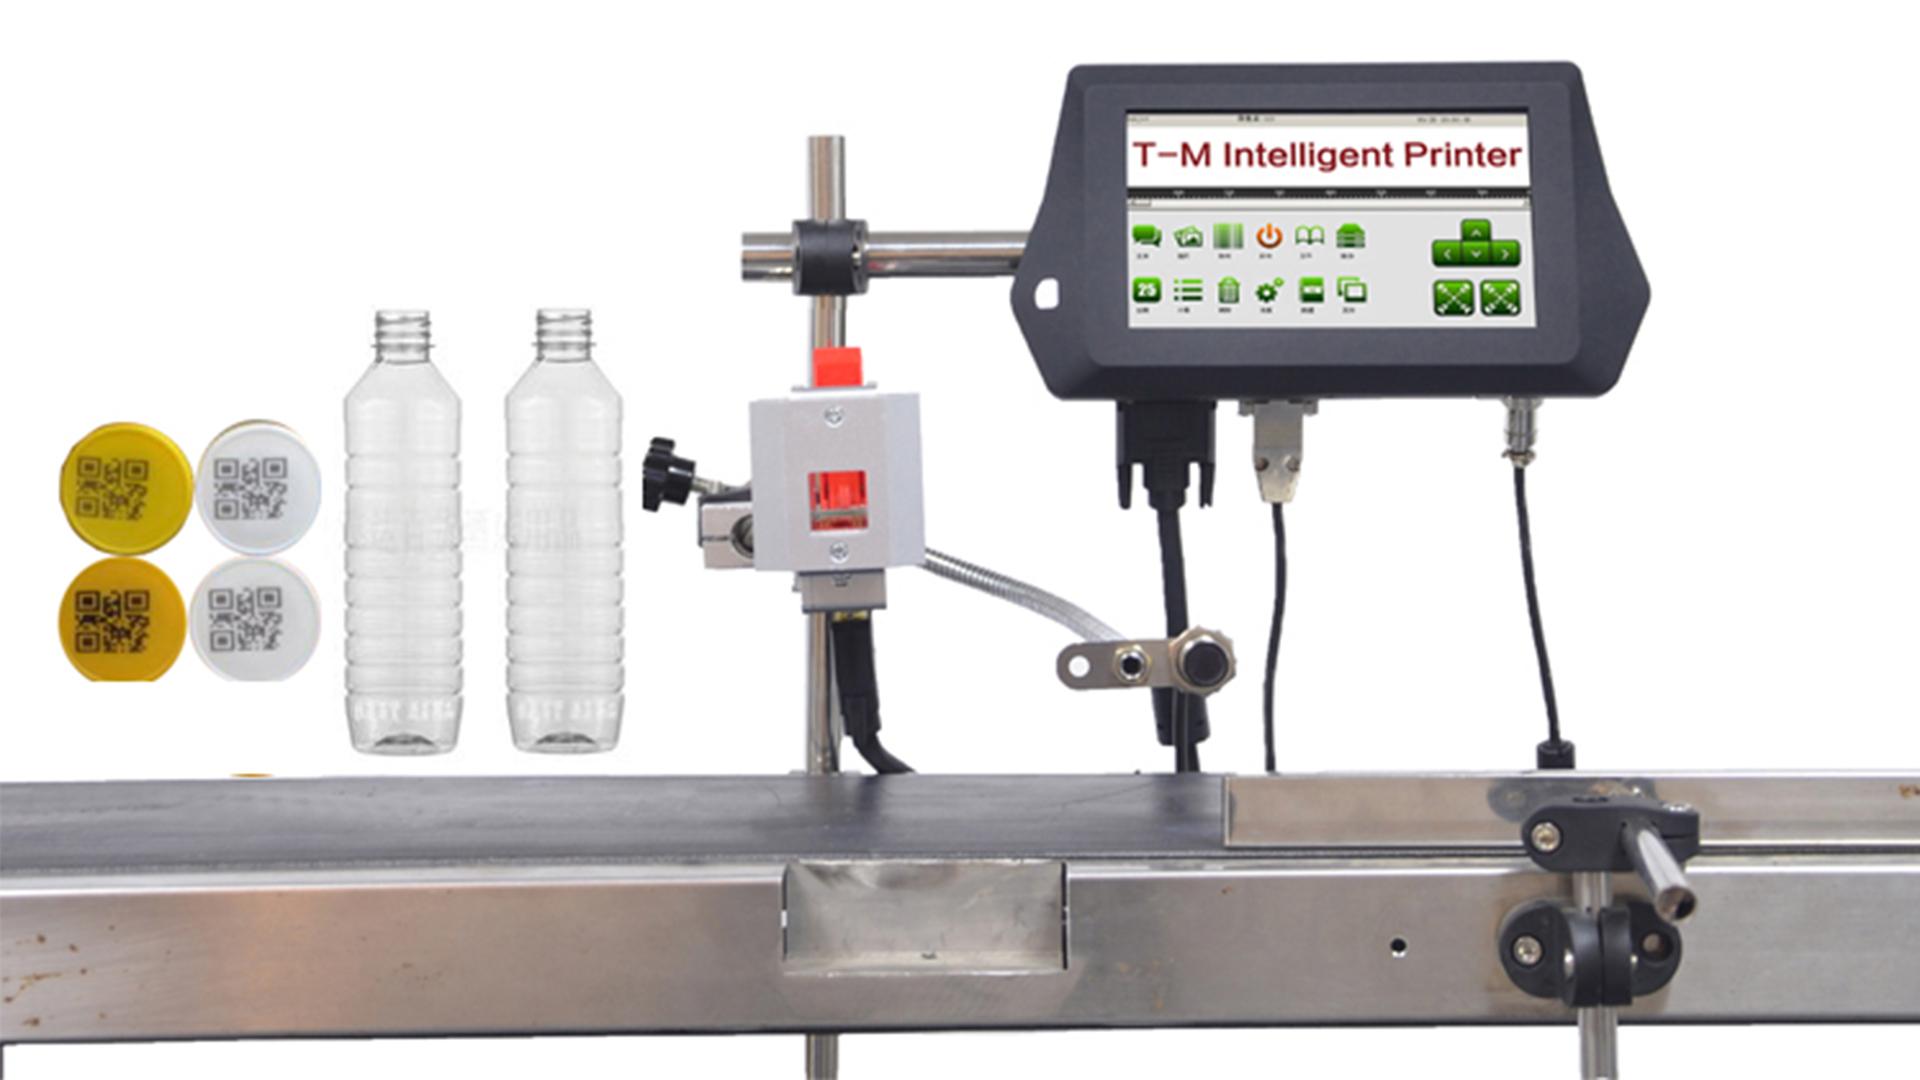 Impresora en línea profesional de la pantalla táctil de 7 pulgadas para la impresión de la fecha de caducidad del cuadro de papel Fabricantes